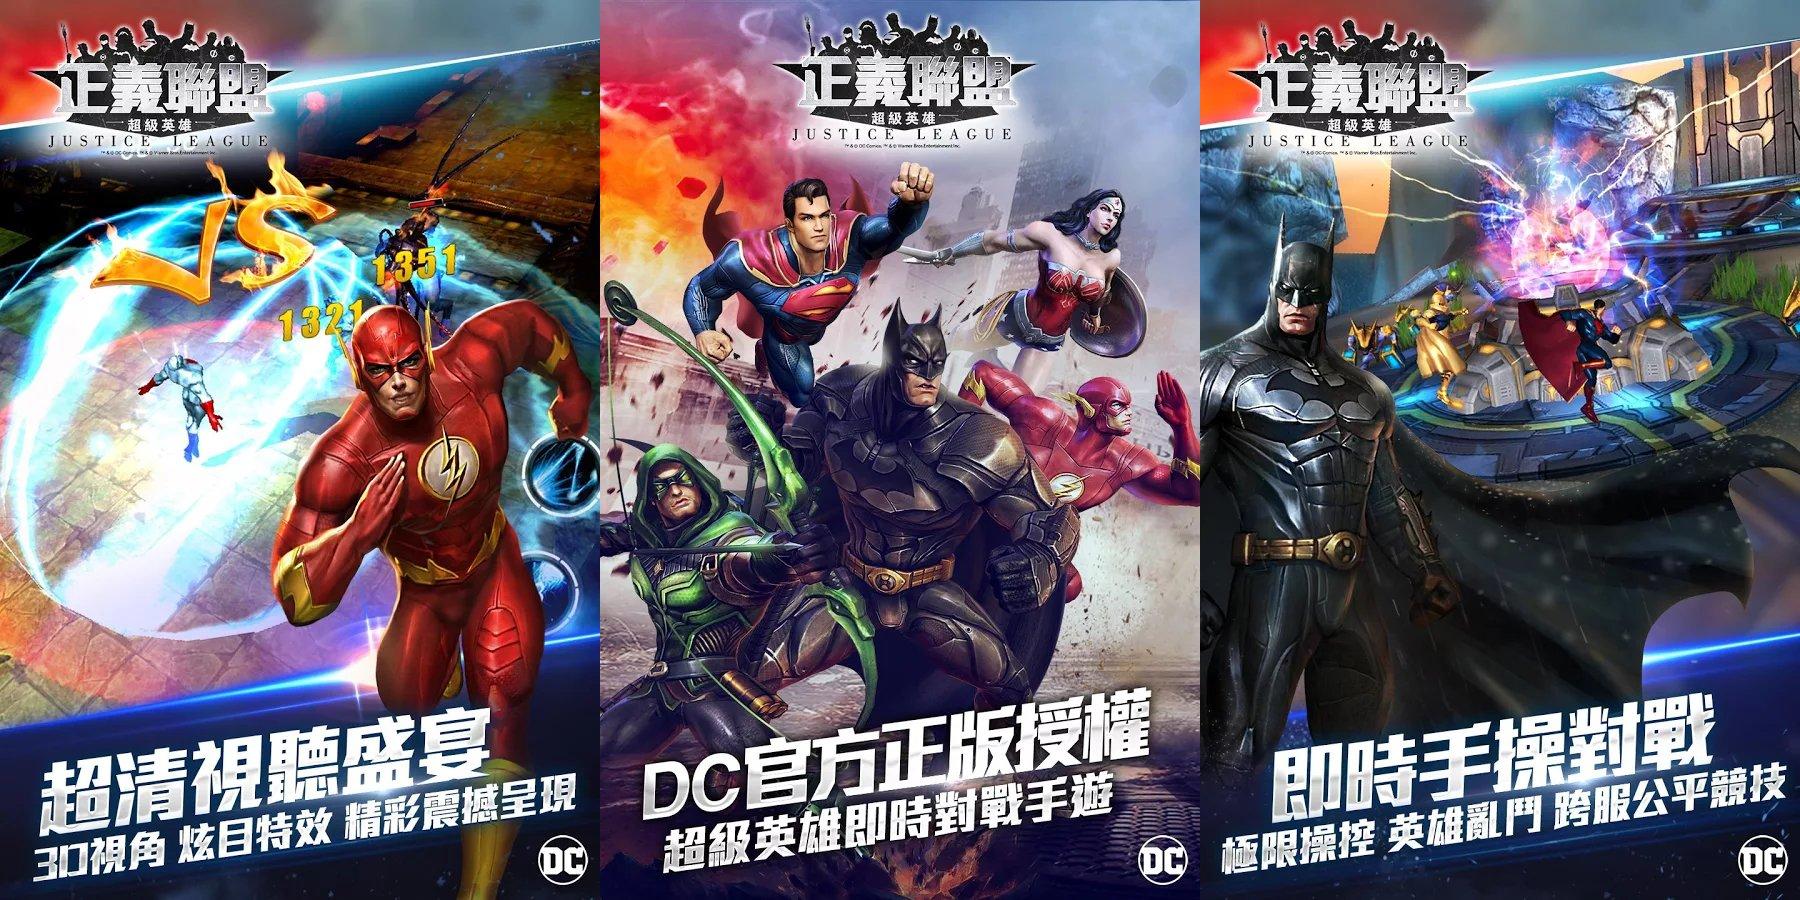 Justice-League-00